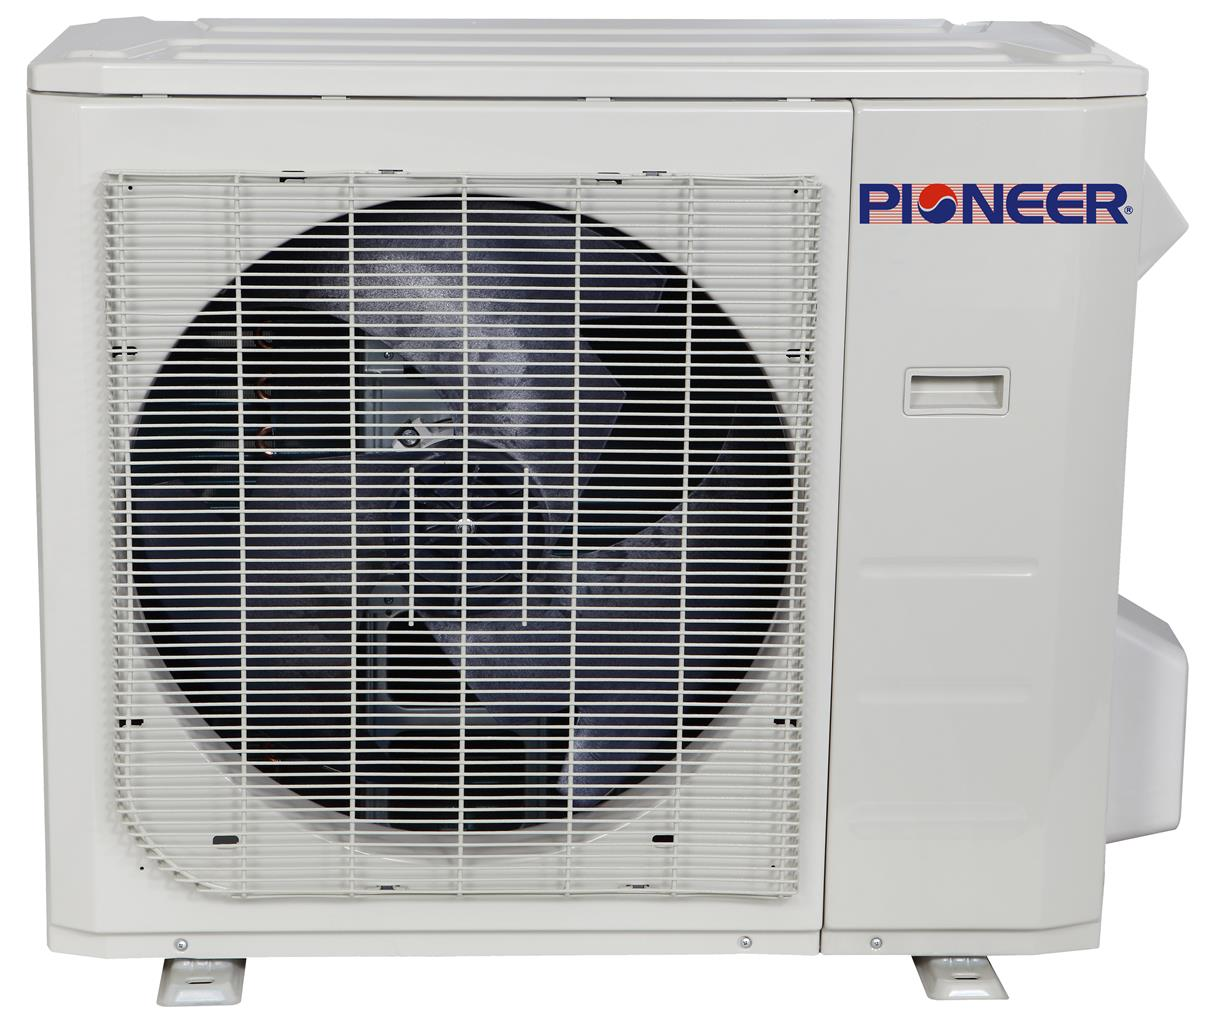 36000 Btu 3 Ton Pioneer Inverter Ducted Ceiling Concealed